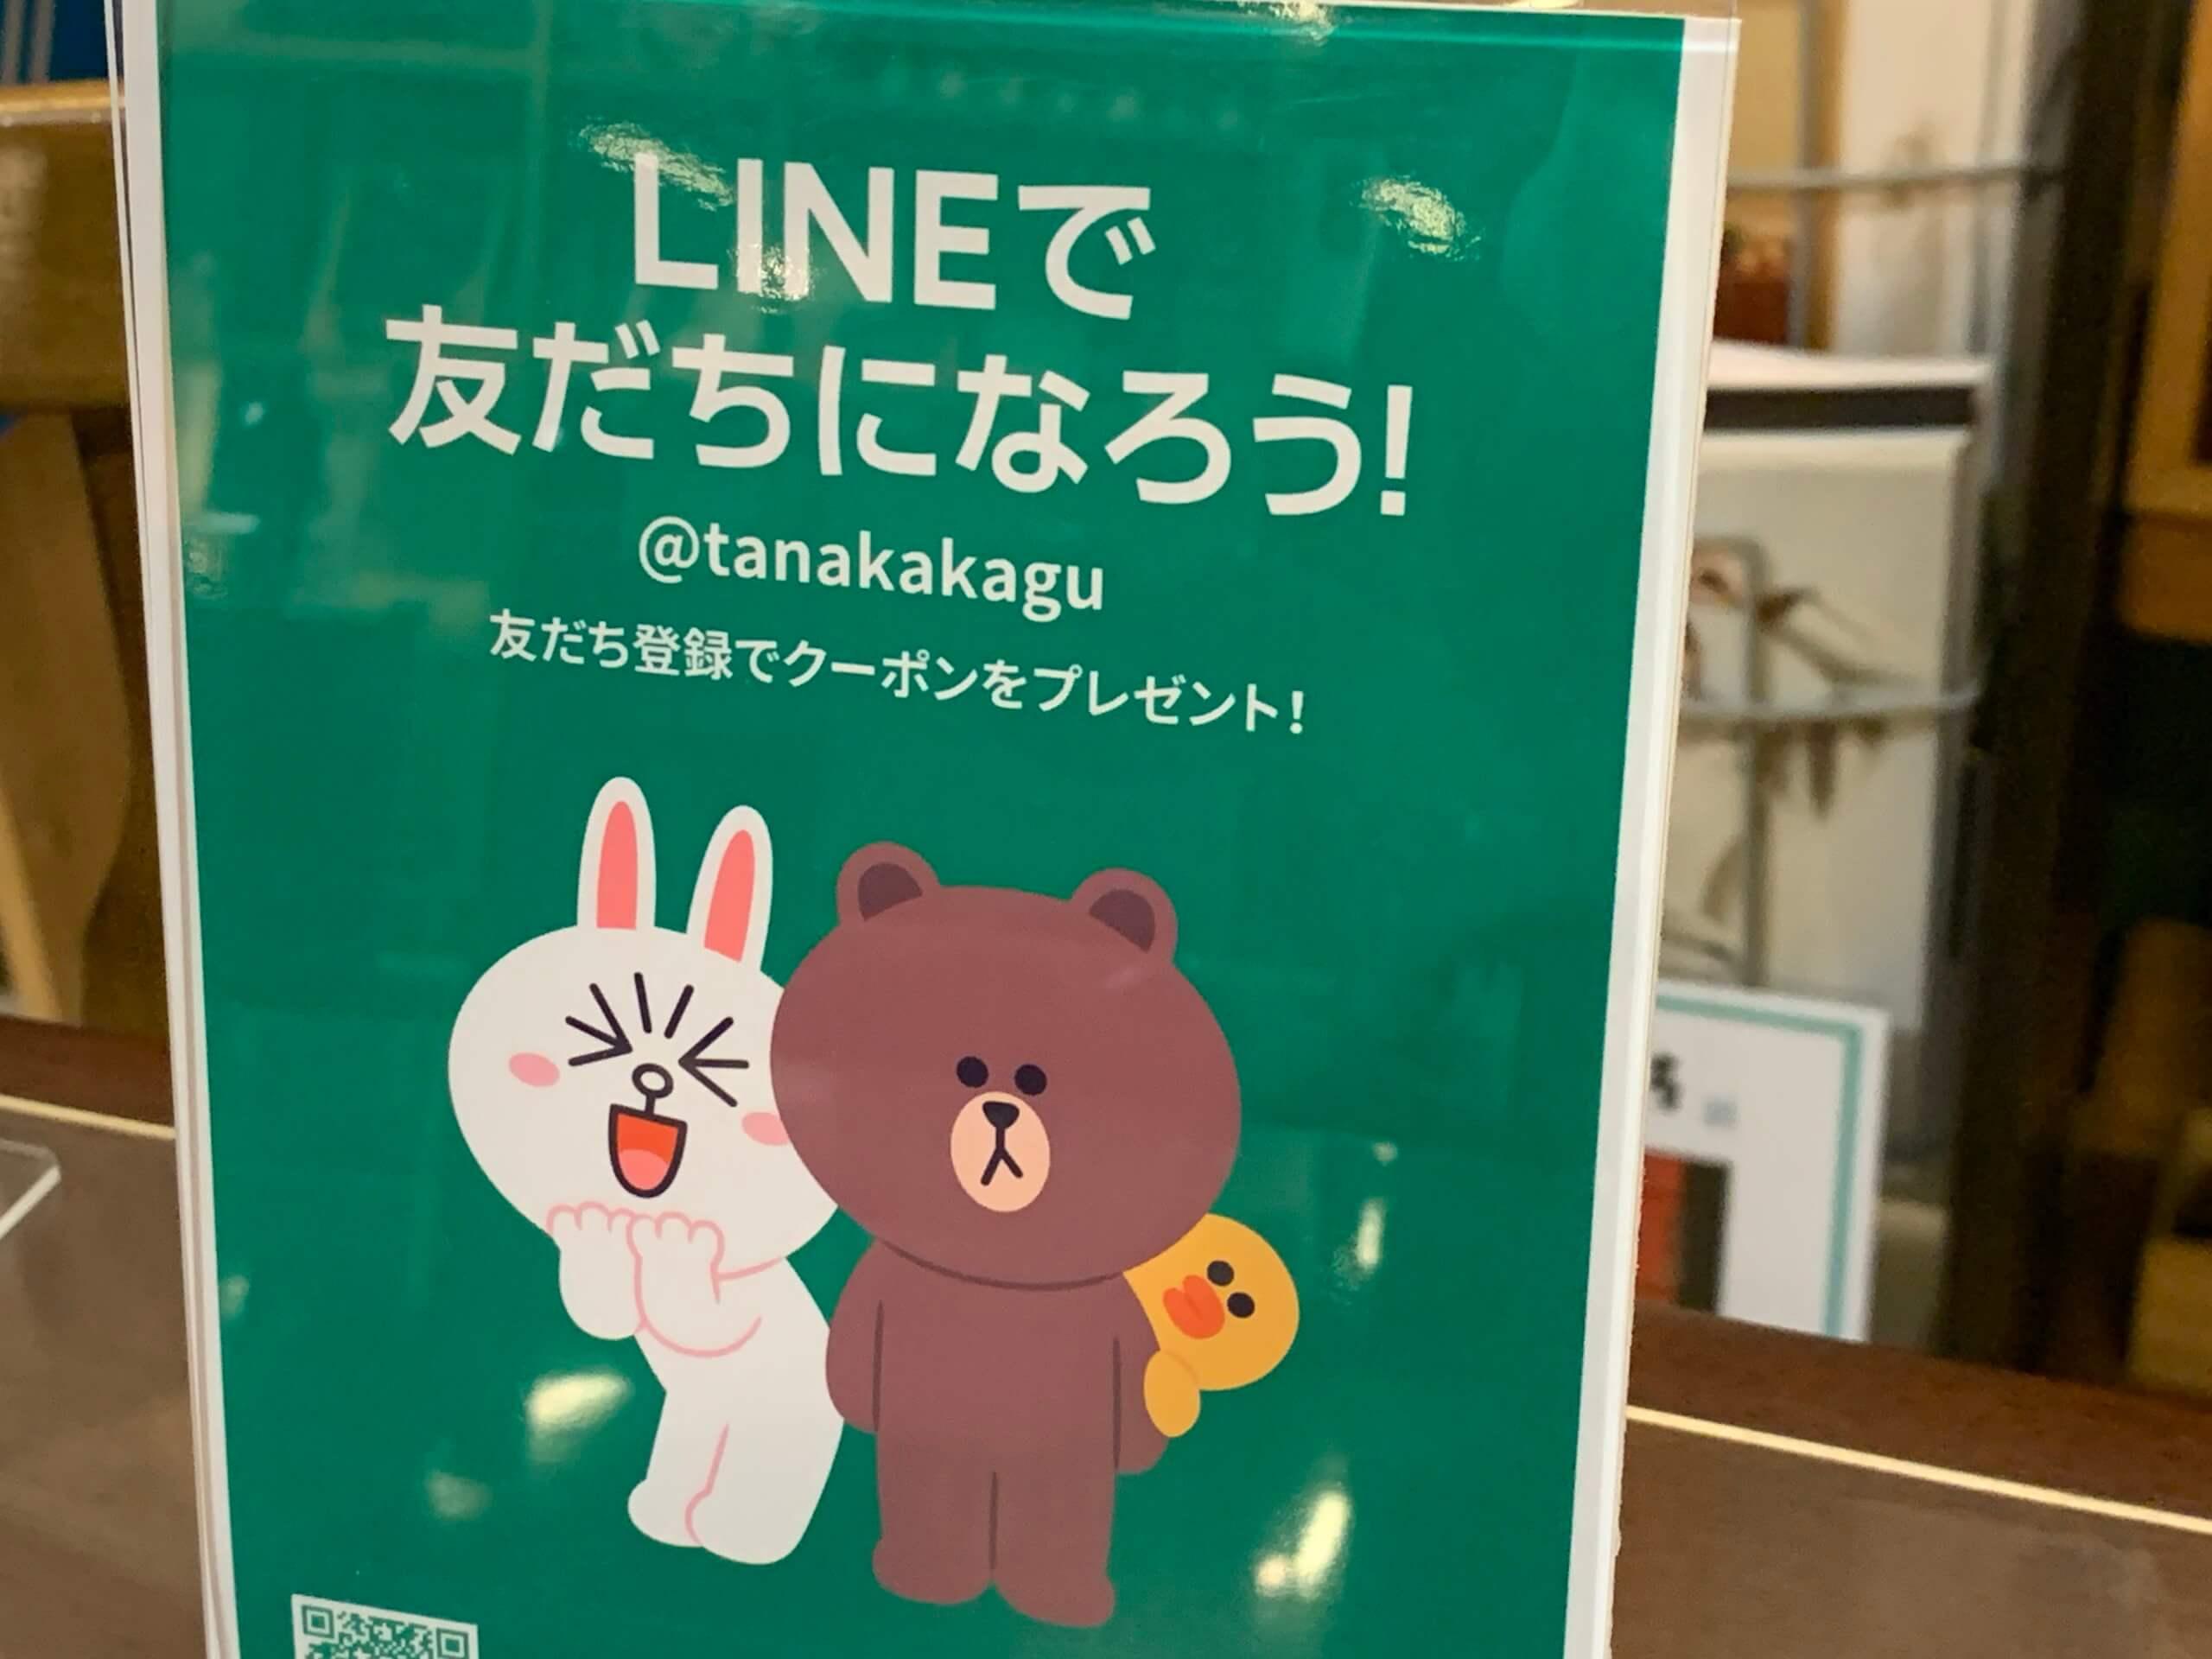 田中家具-LINE公式アカウント